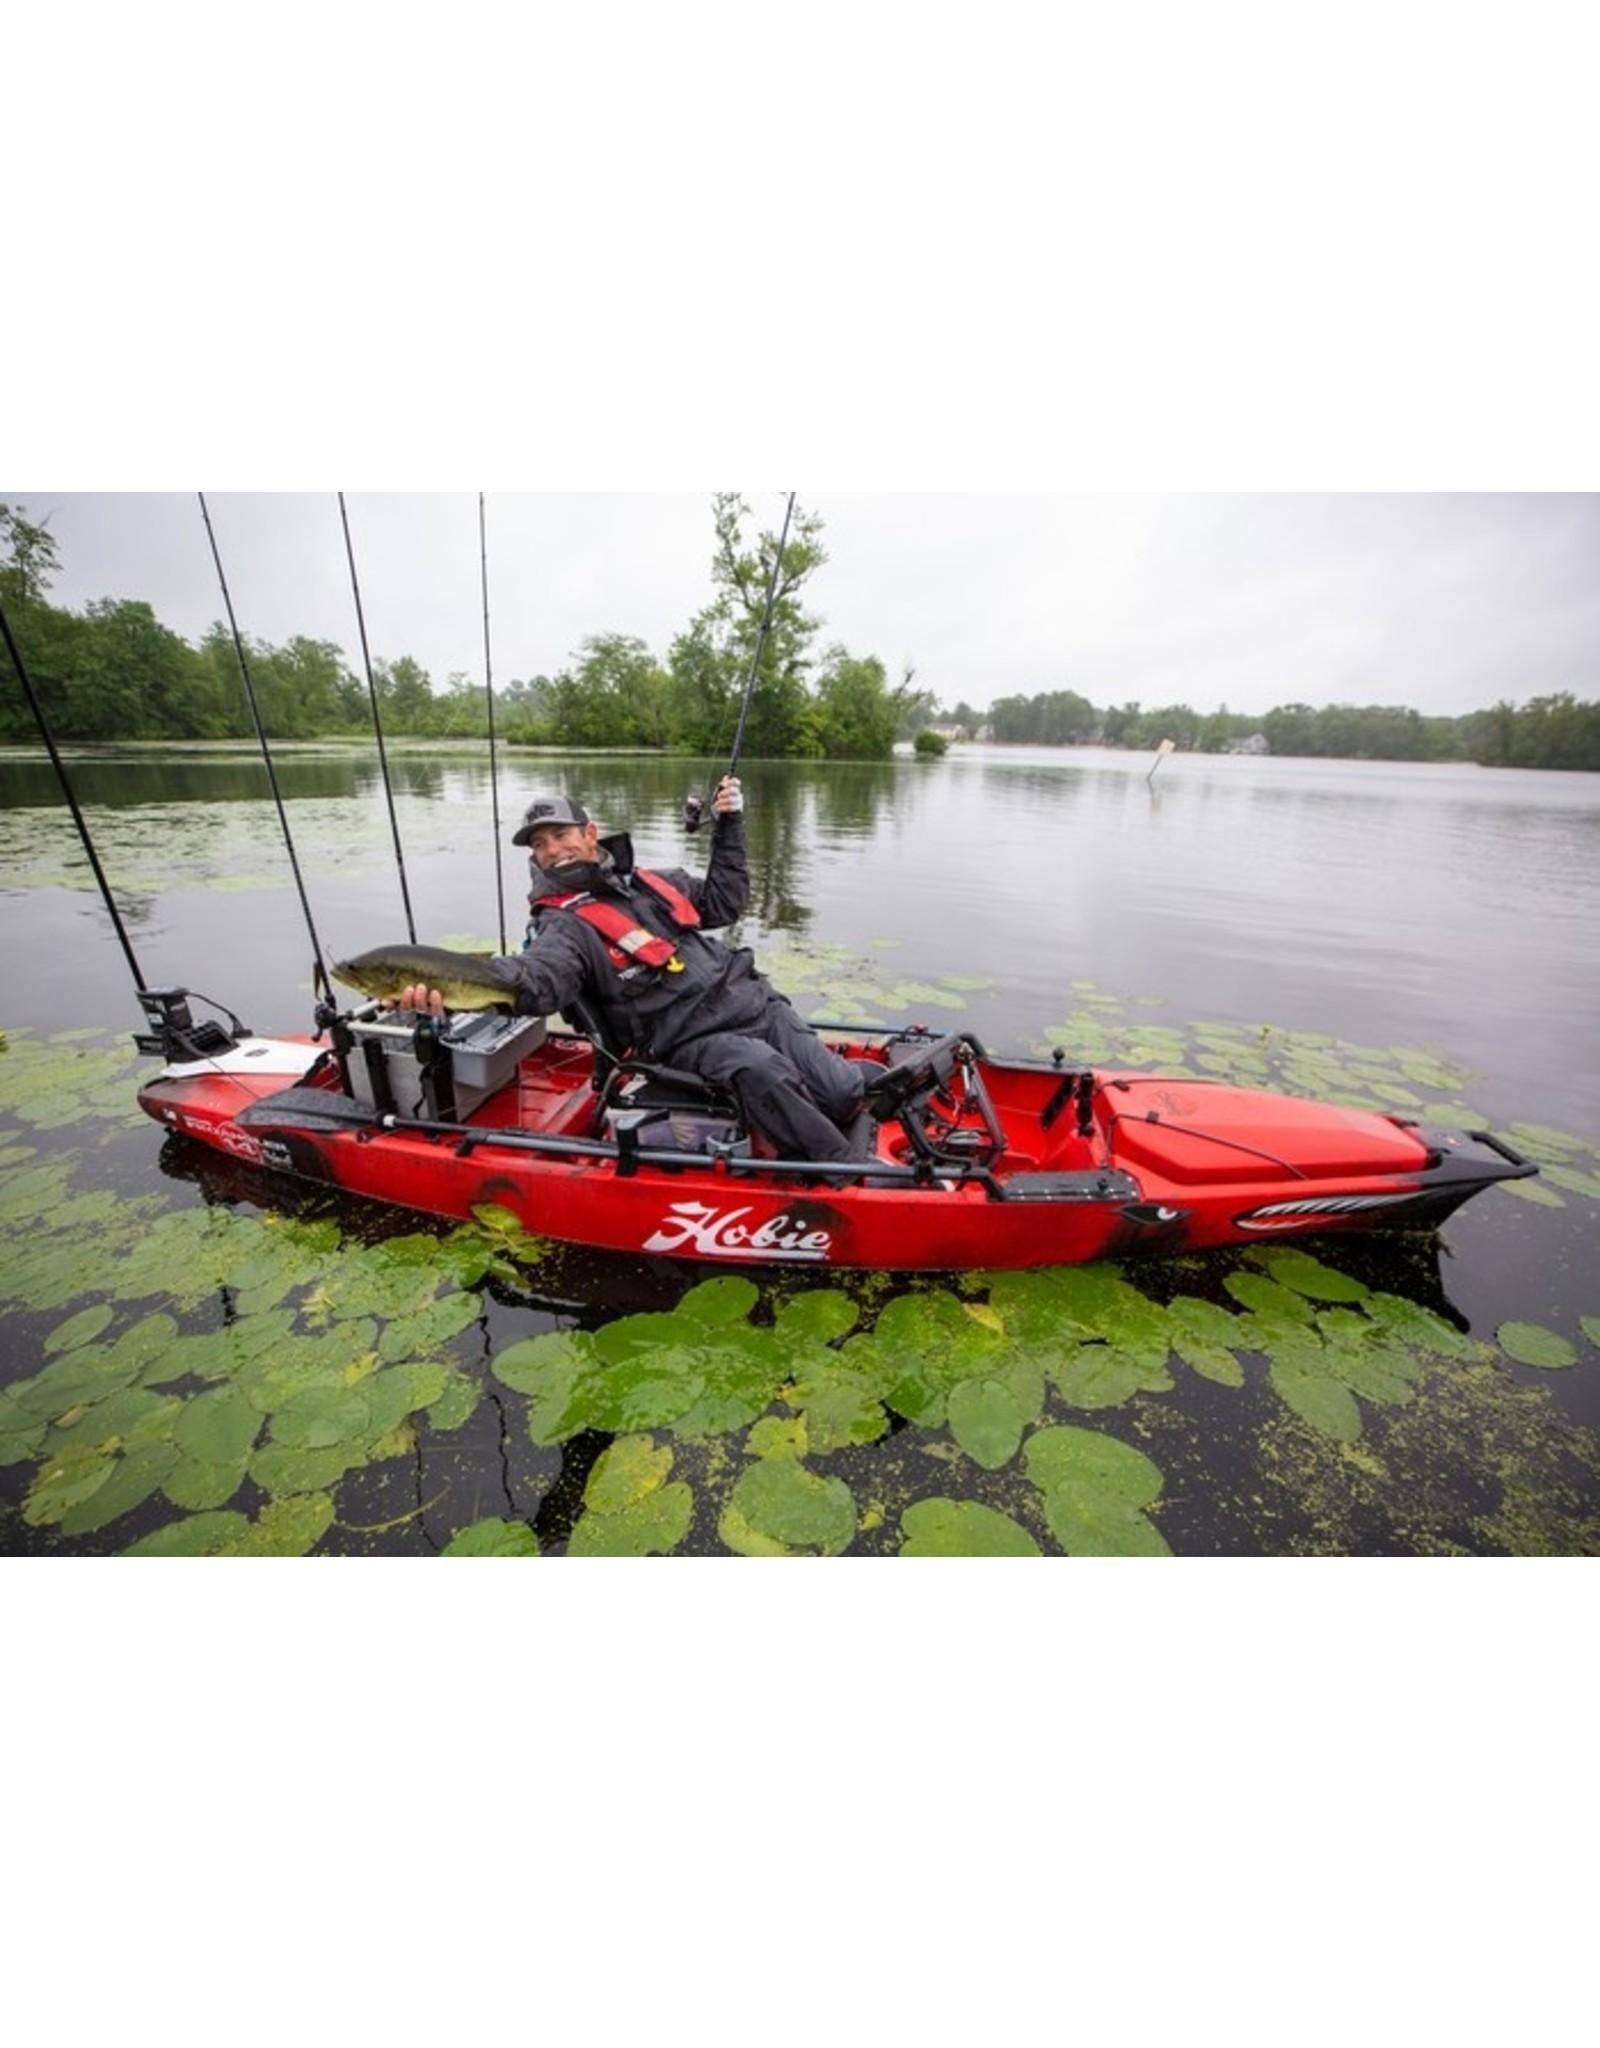 Hobie Hobie kayak Pro Angler 14 MD 360 Special Edition IKE